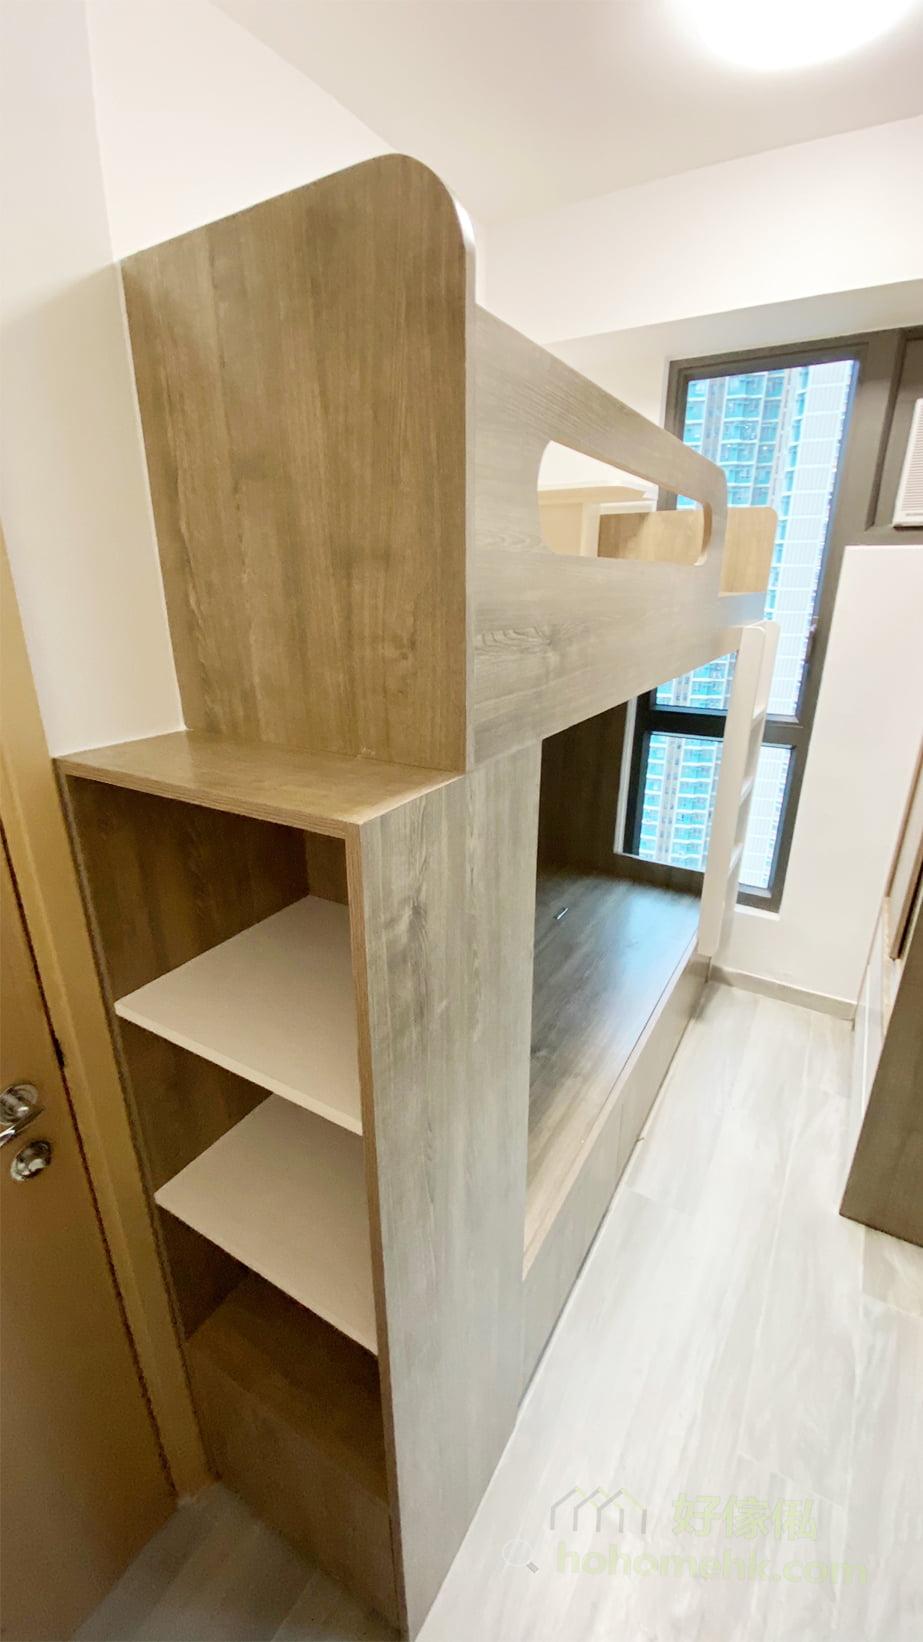 利用房門與碌架床旁邊的小空間,安排開放式格櫃,沒有櫃門就不用擔心櫃門會撞到房門,而且開放式格櫃的取物時間也會縮短,減少擋住門口通道的時間